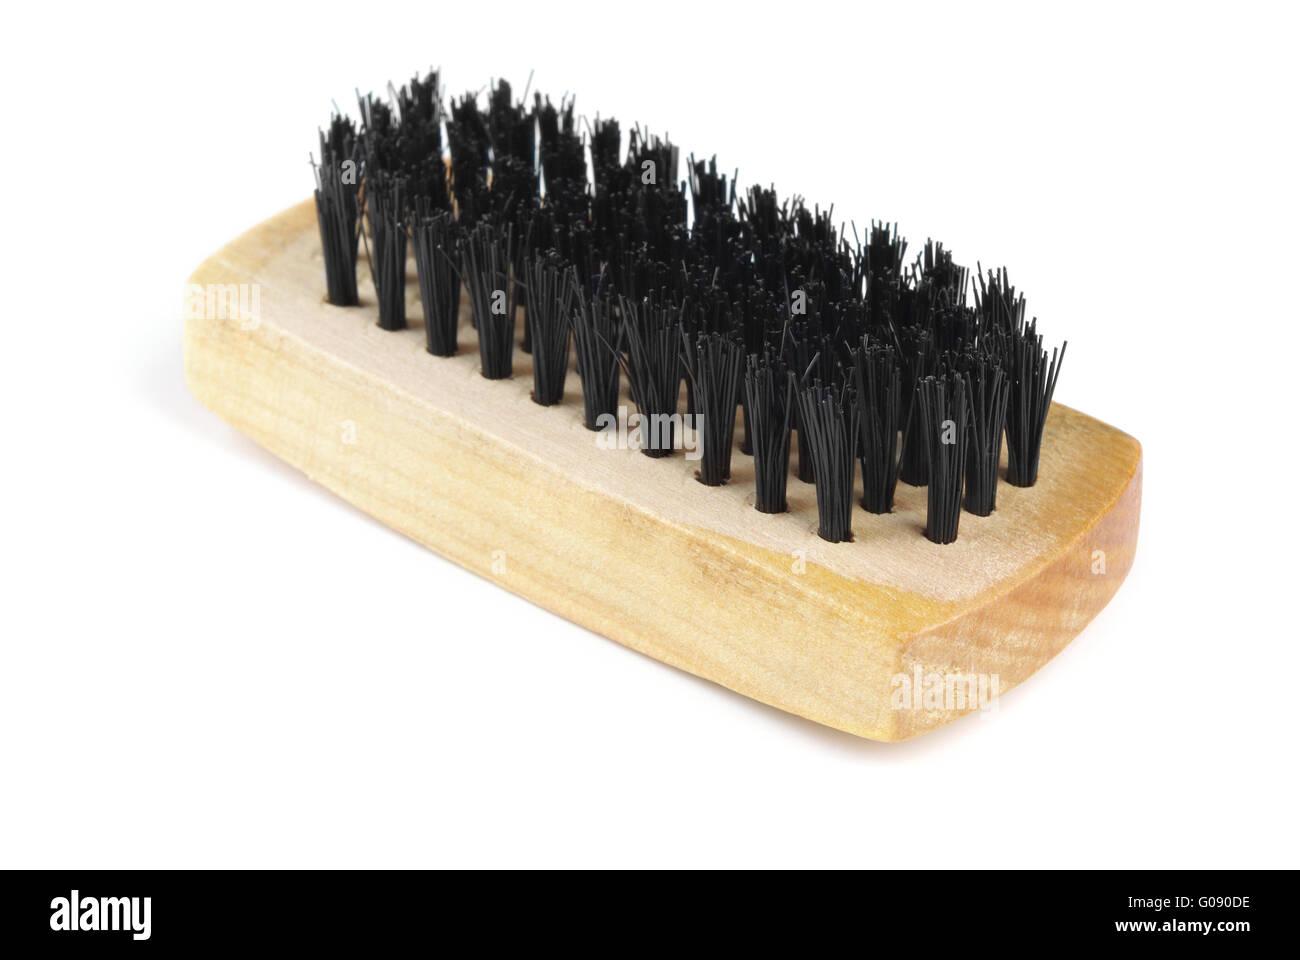 Shoe brush - Stock Image